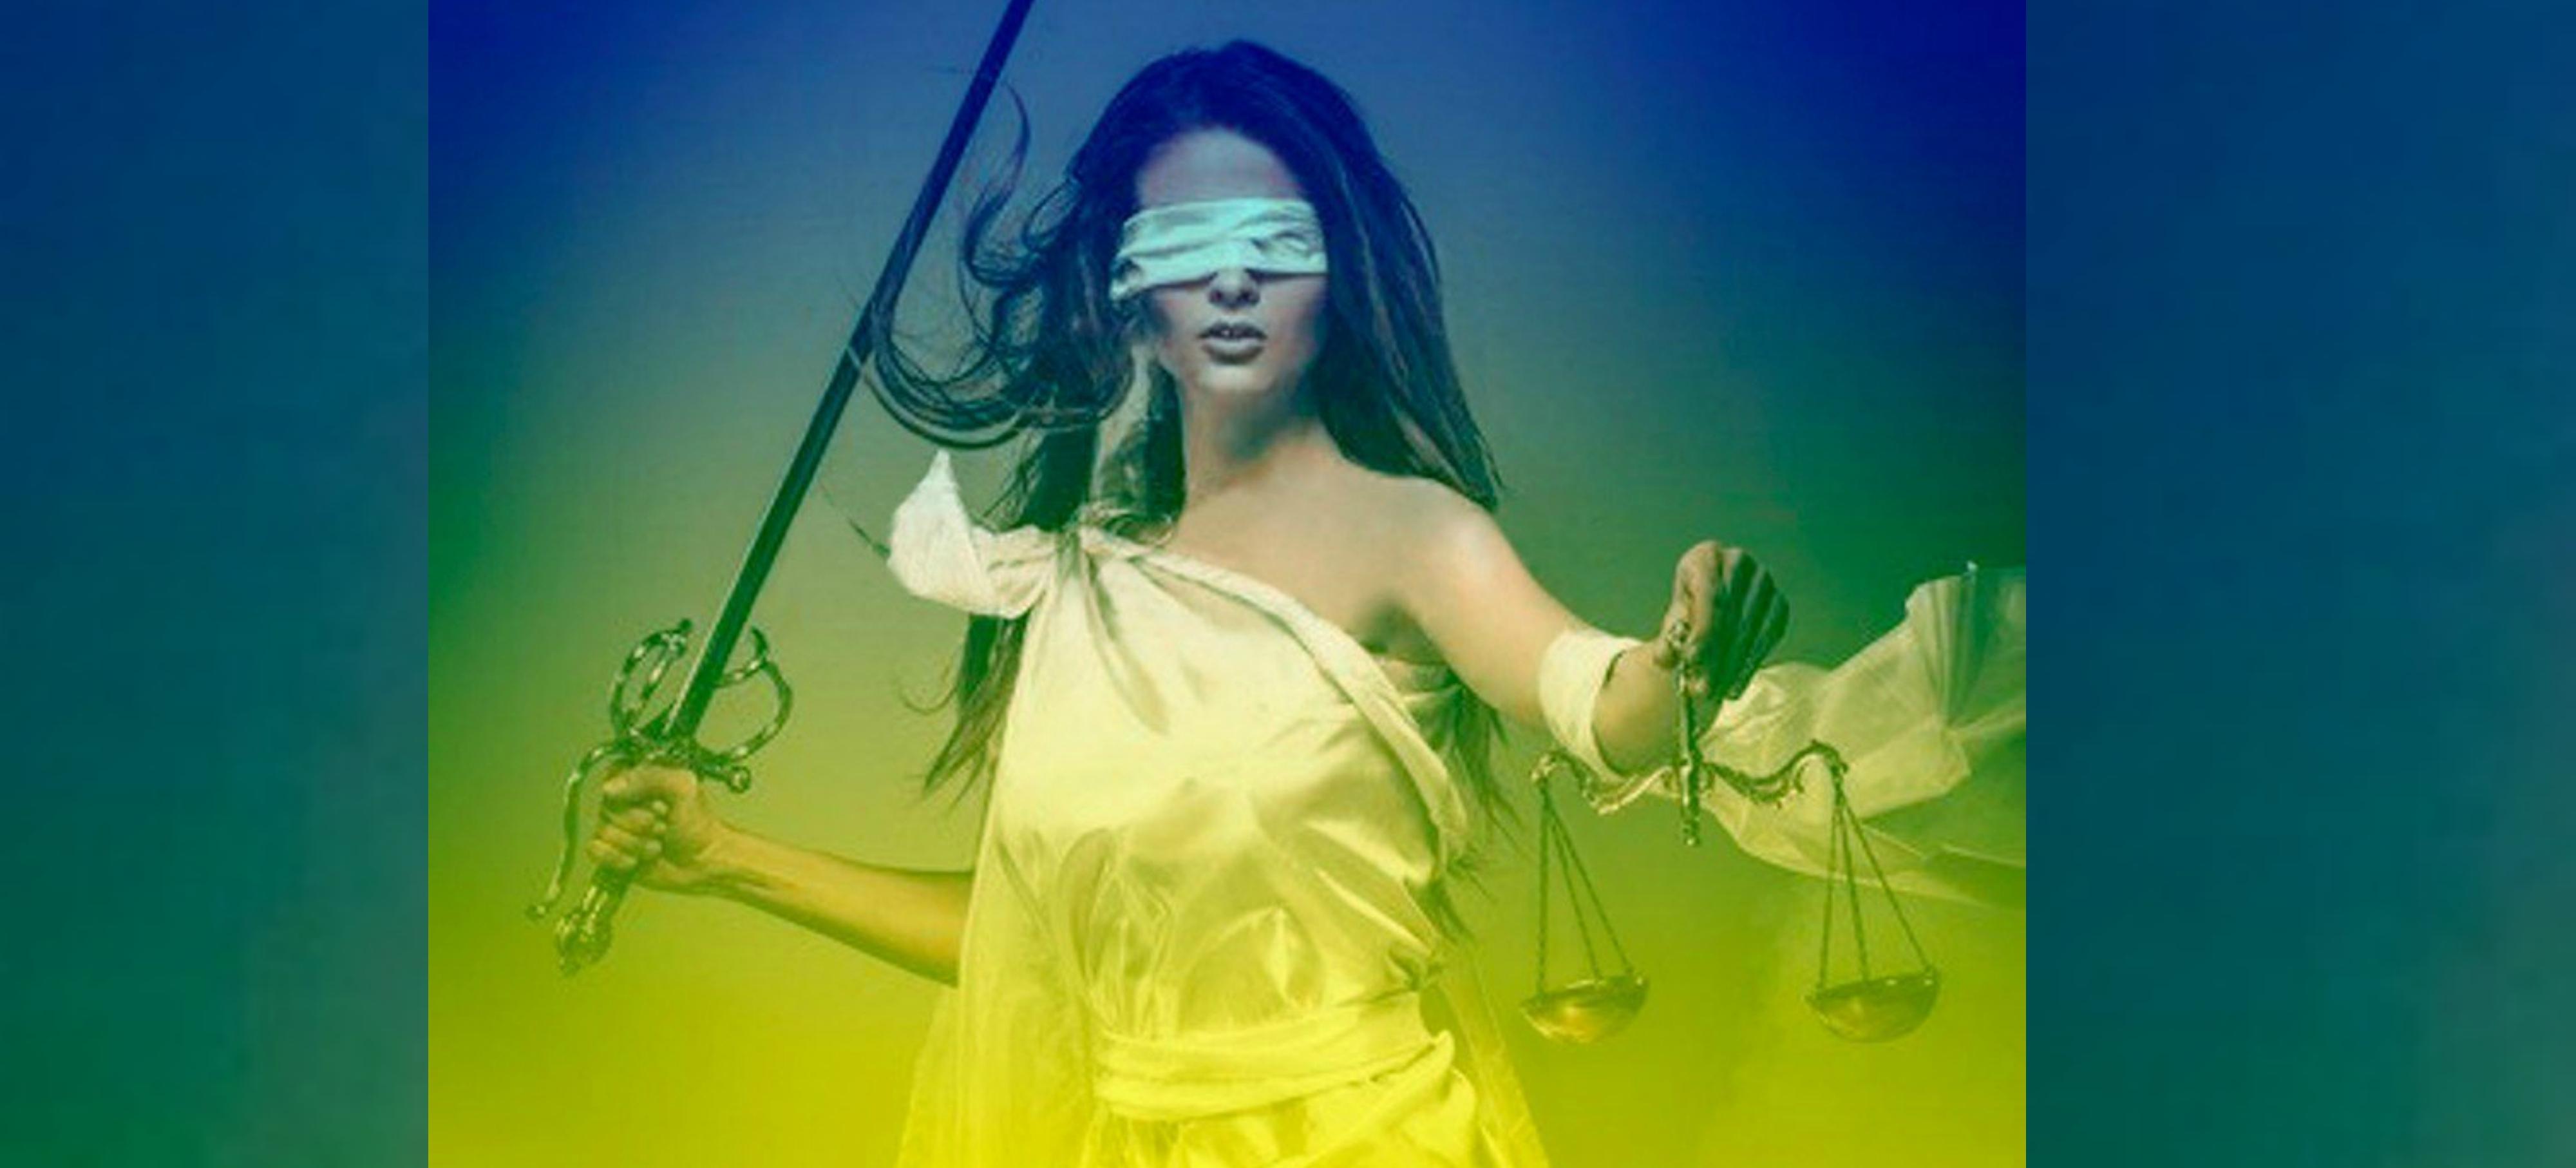 юридический дайджест: правовые события недели